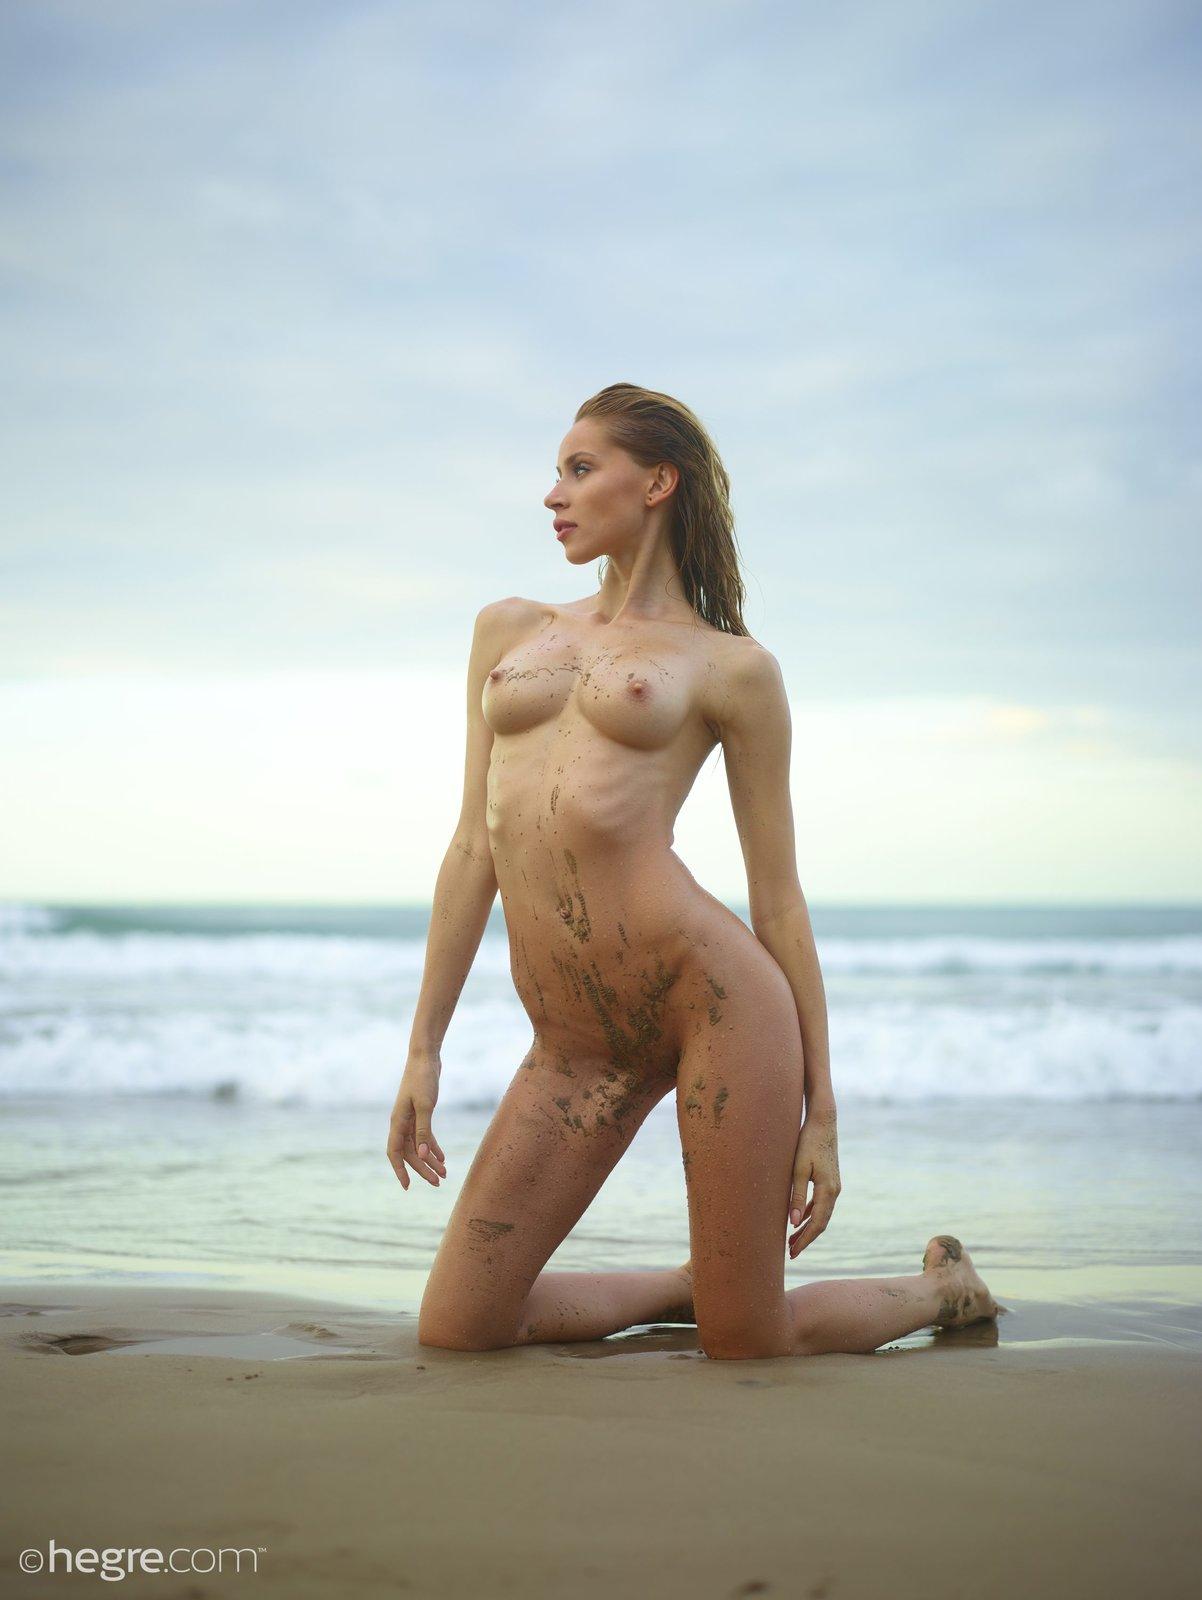 Zdjęcie porno - 059 - Nagi trening na plaży